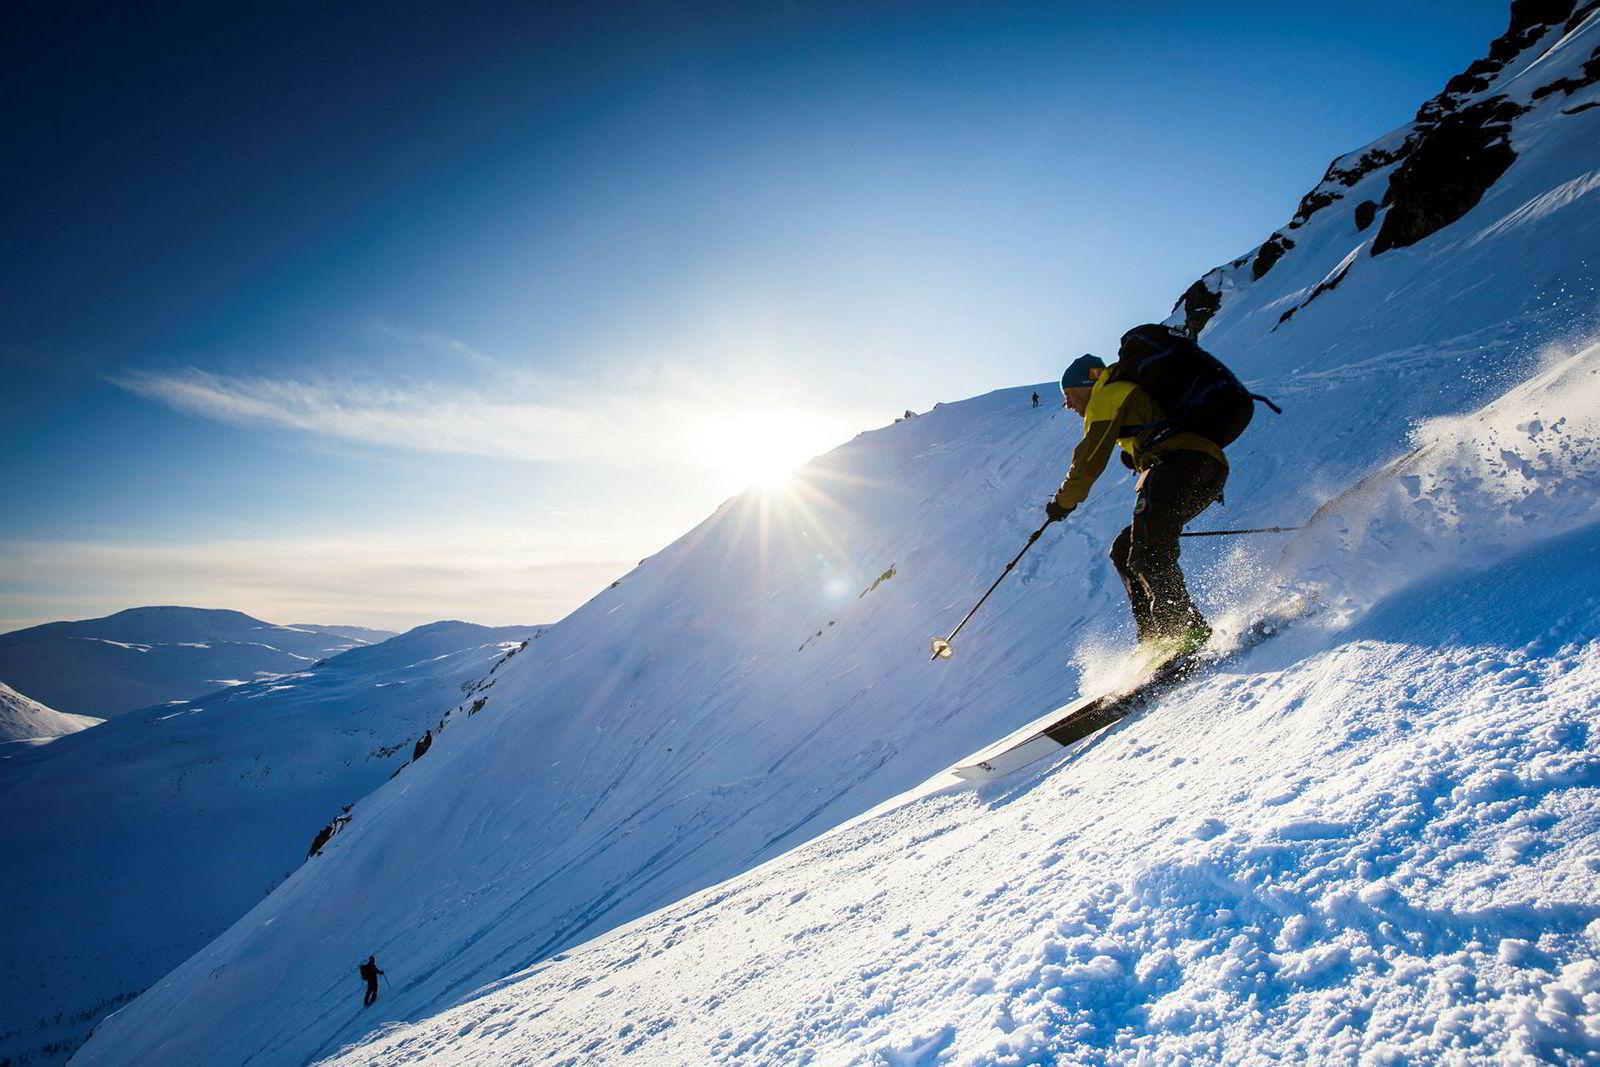 Fem-seks centimeter med nysnø har gitt bedre skiføre enn på lang tid. Espen Nordahl svinger seg ned fra Skitntind.